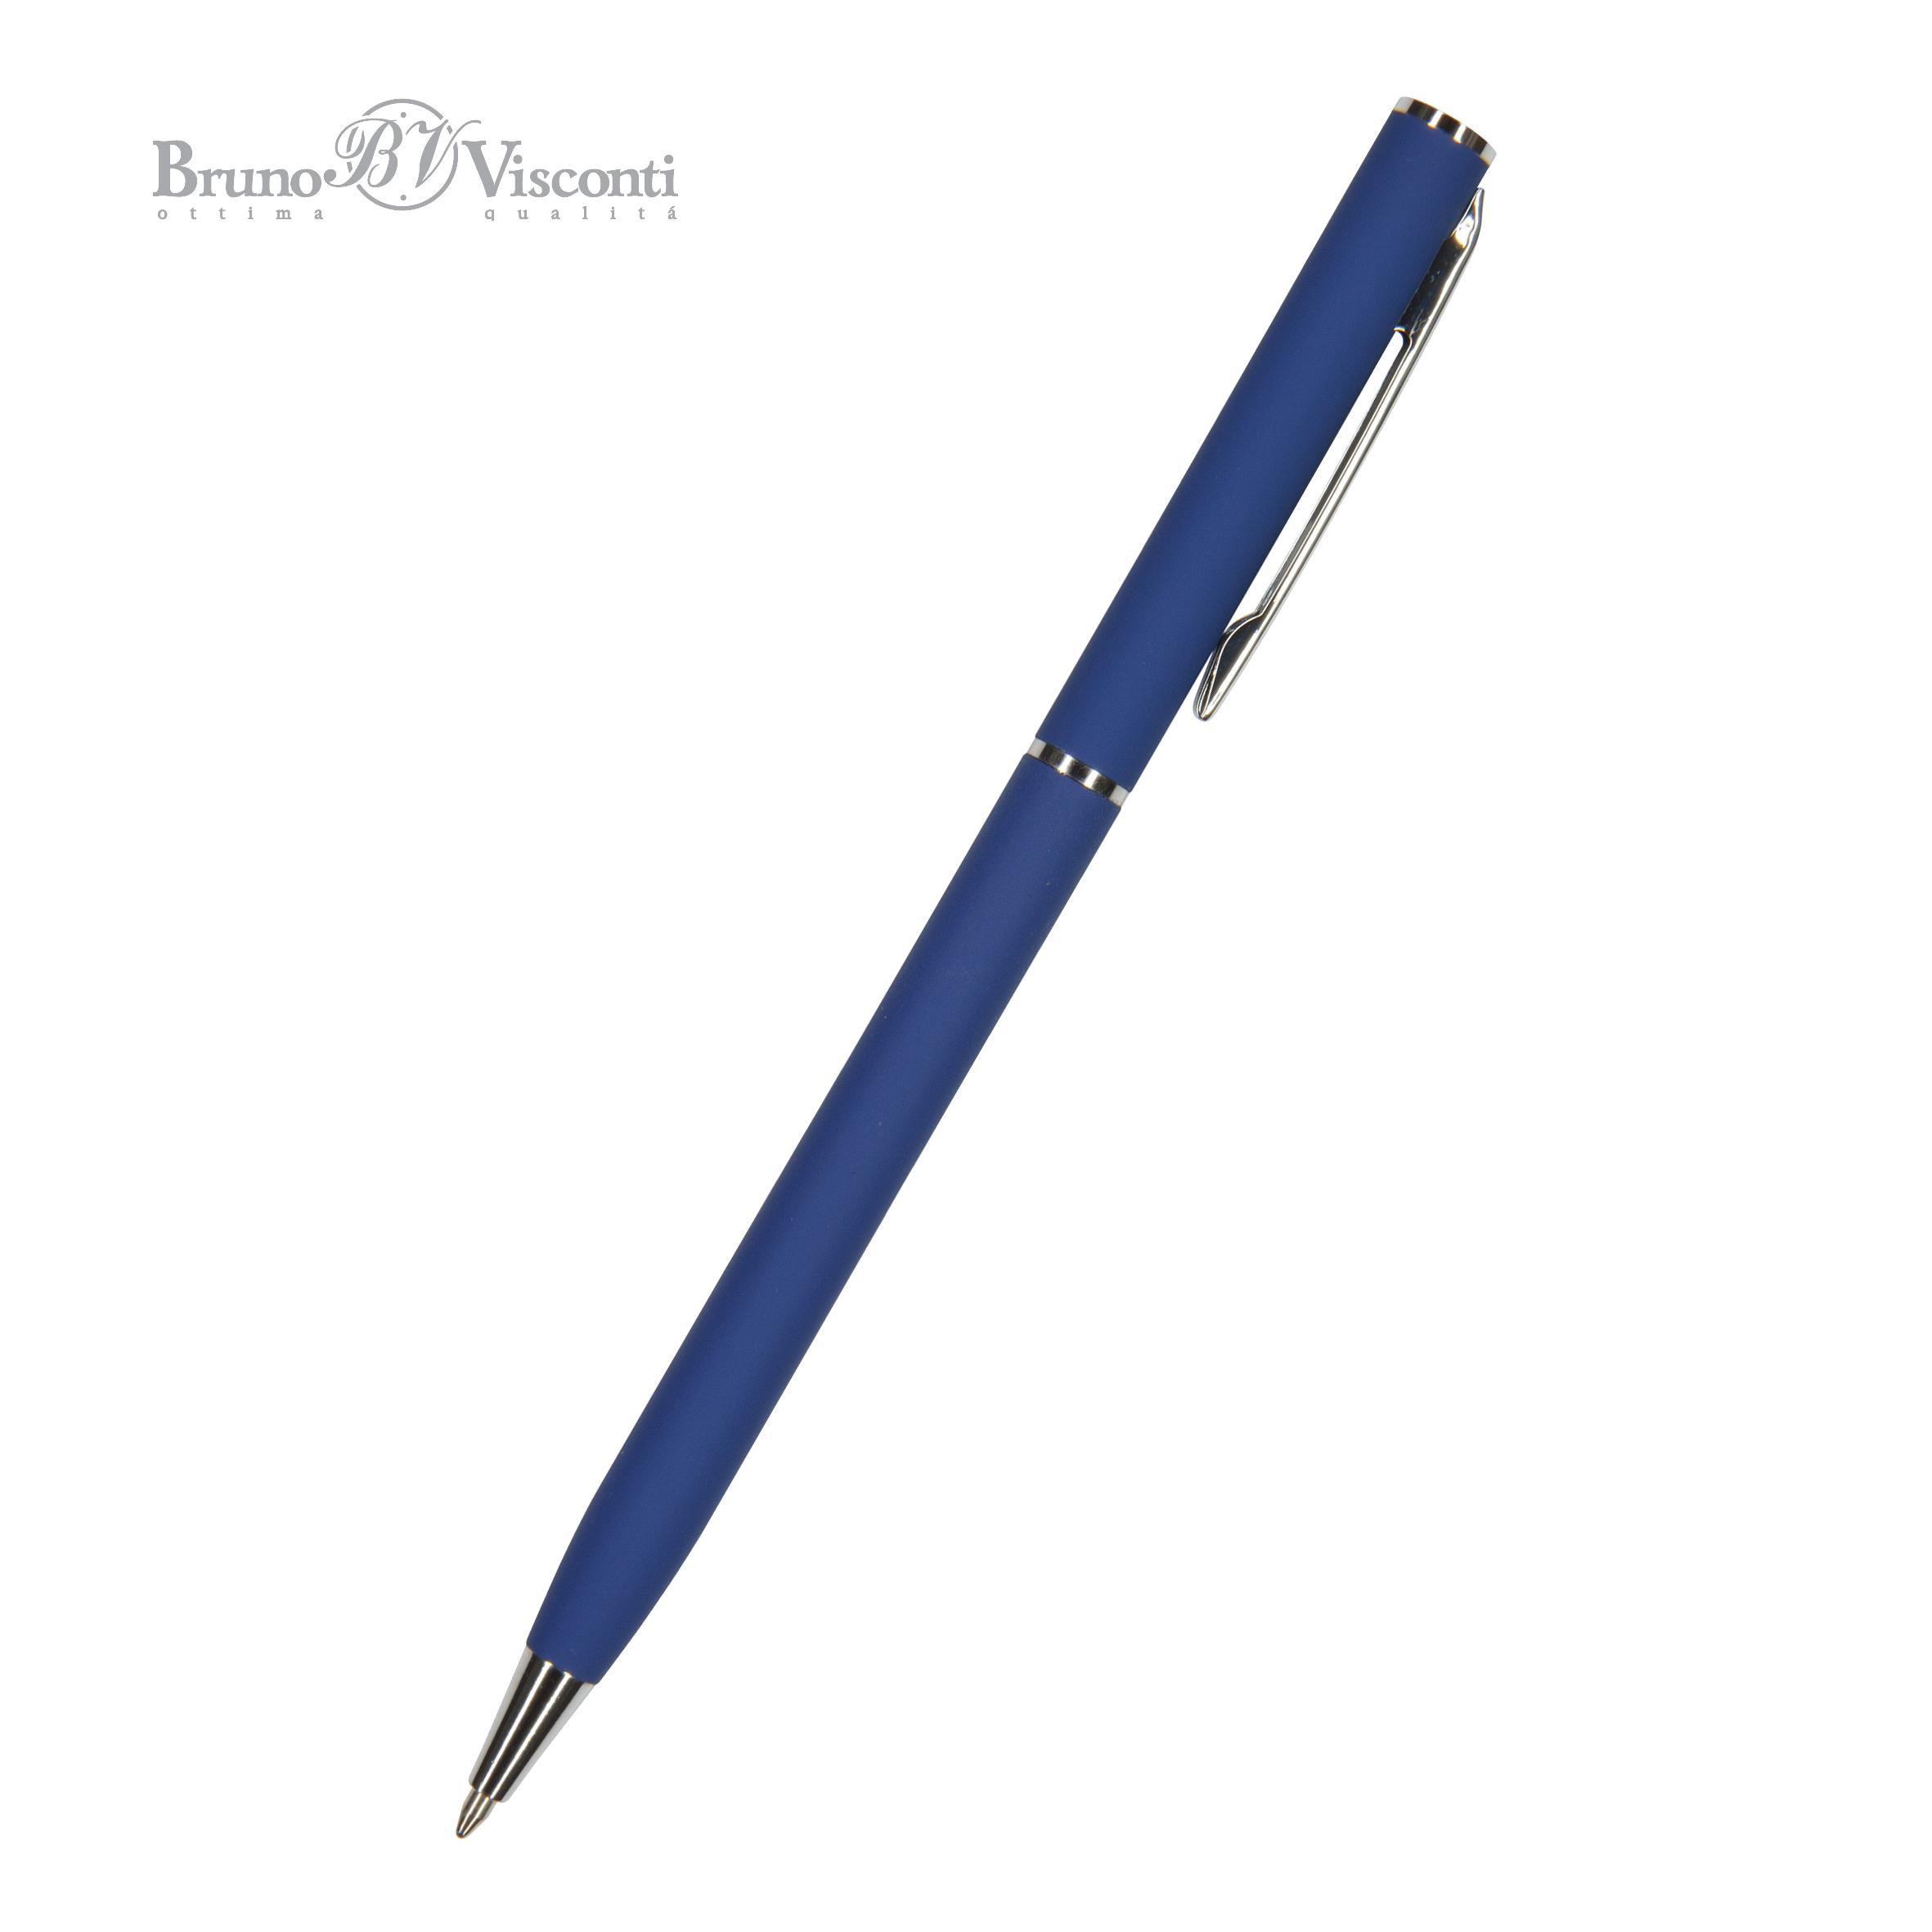 Ручка подар шар BV Palermo синяя 0,7мм корп поворот